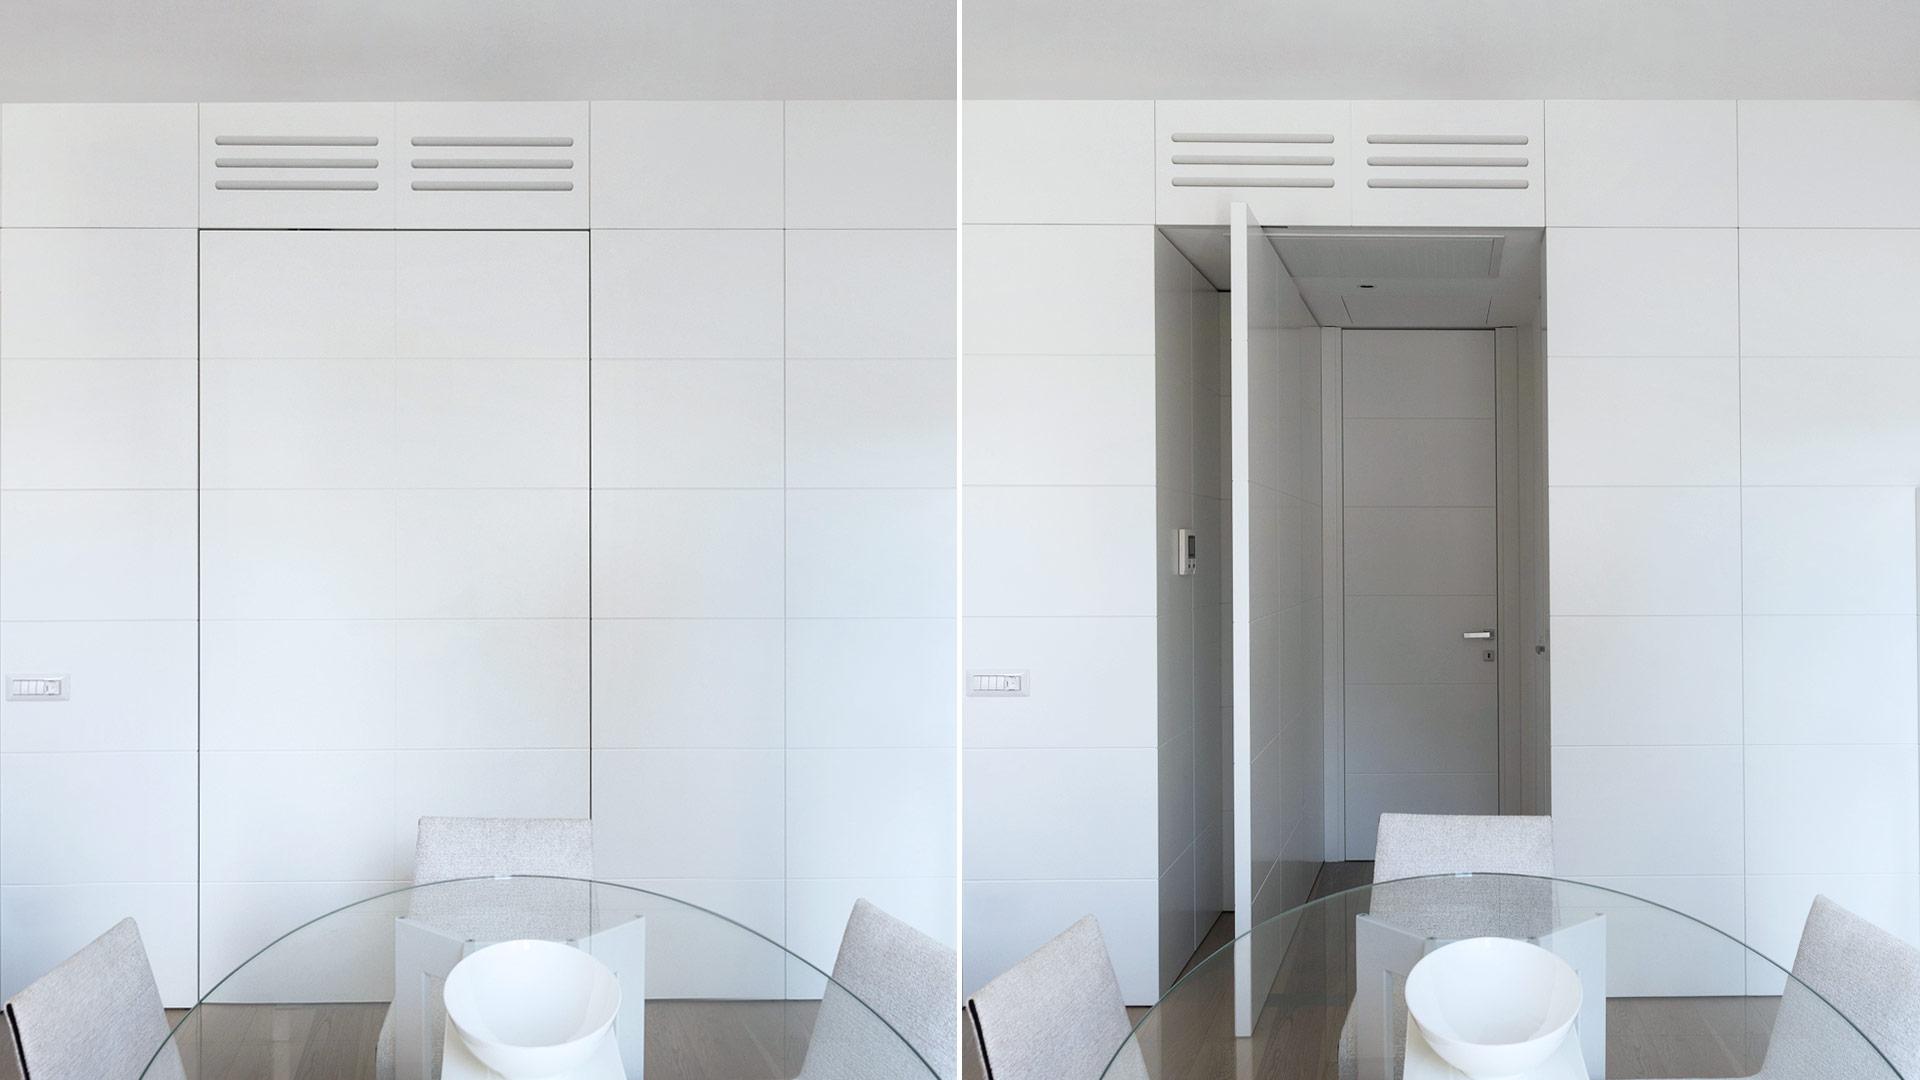 Progetto Interior Design open space Roma - Sawiris-contract-05